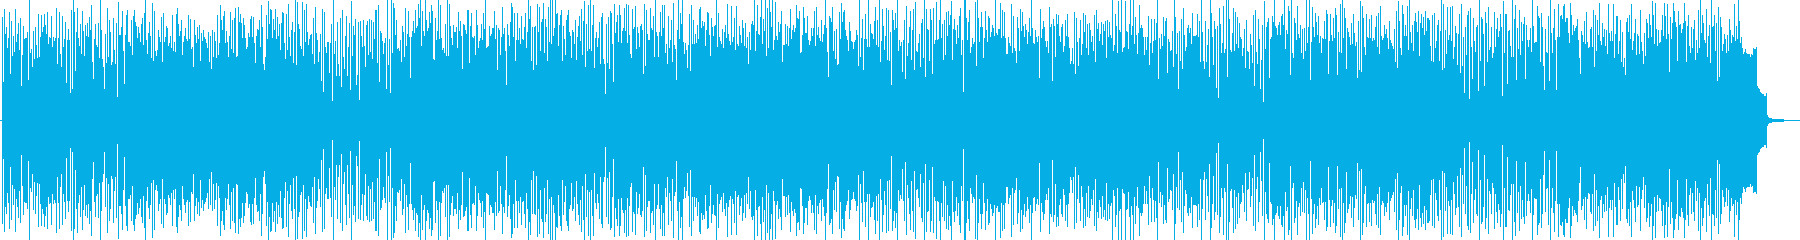 アダルトな雰囲気のジャズファンクの再生済みの波形